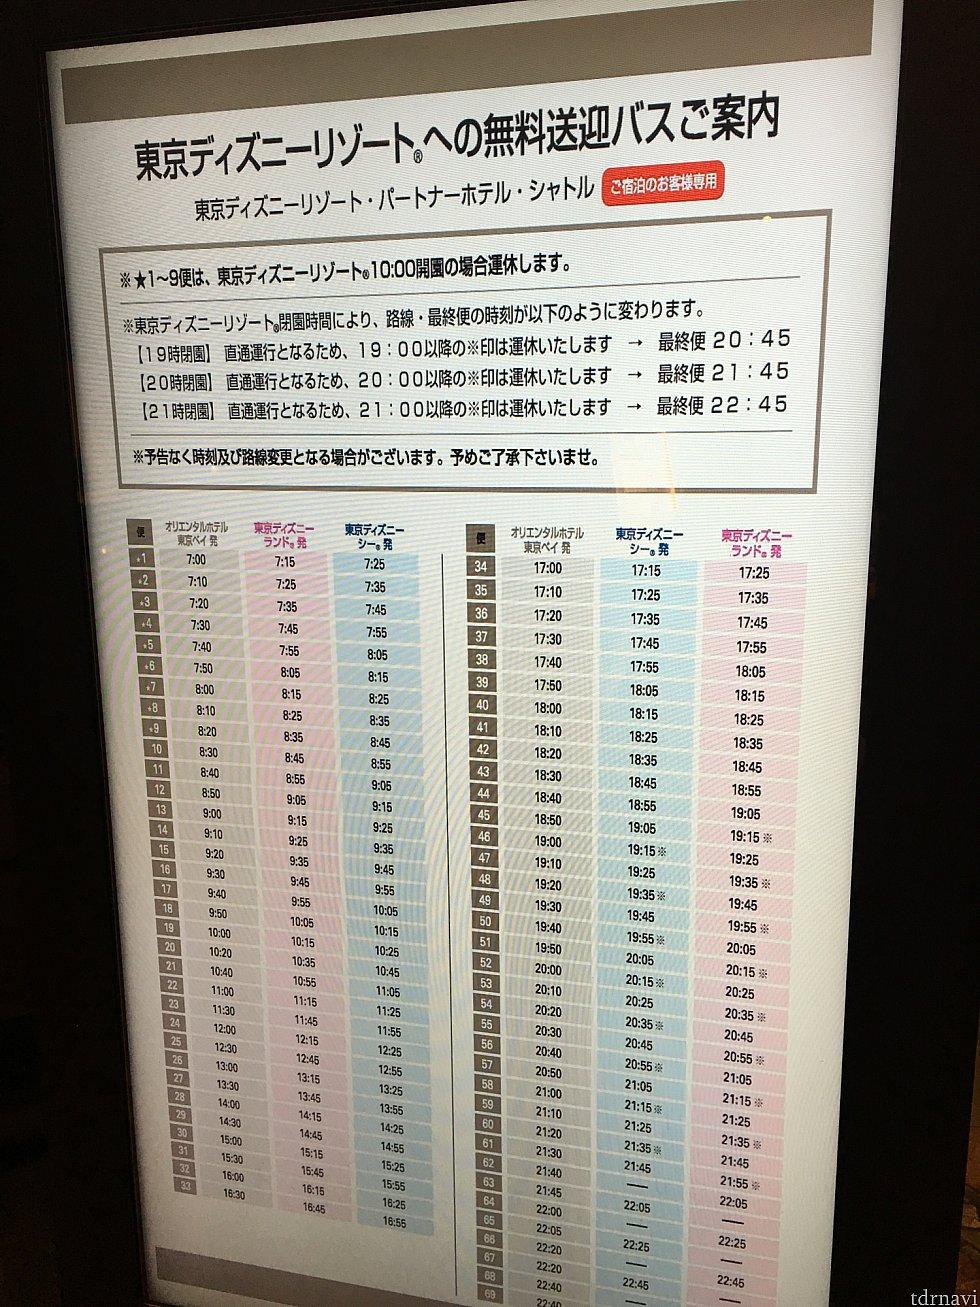 シャトルバスの時刻表です!